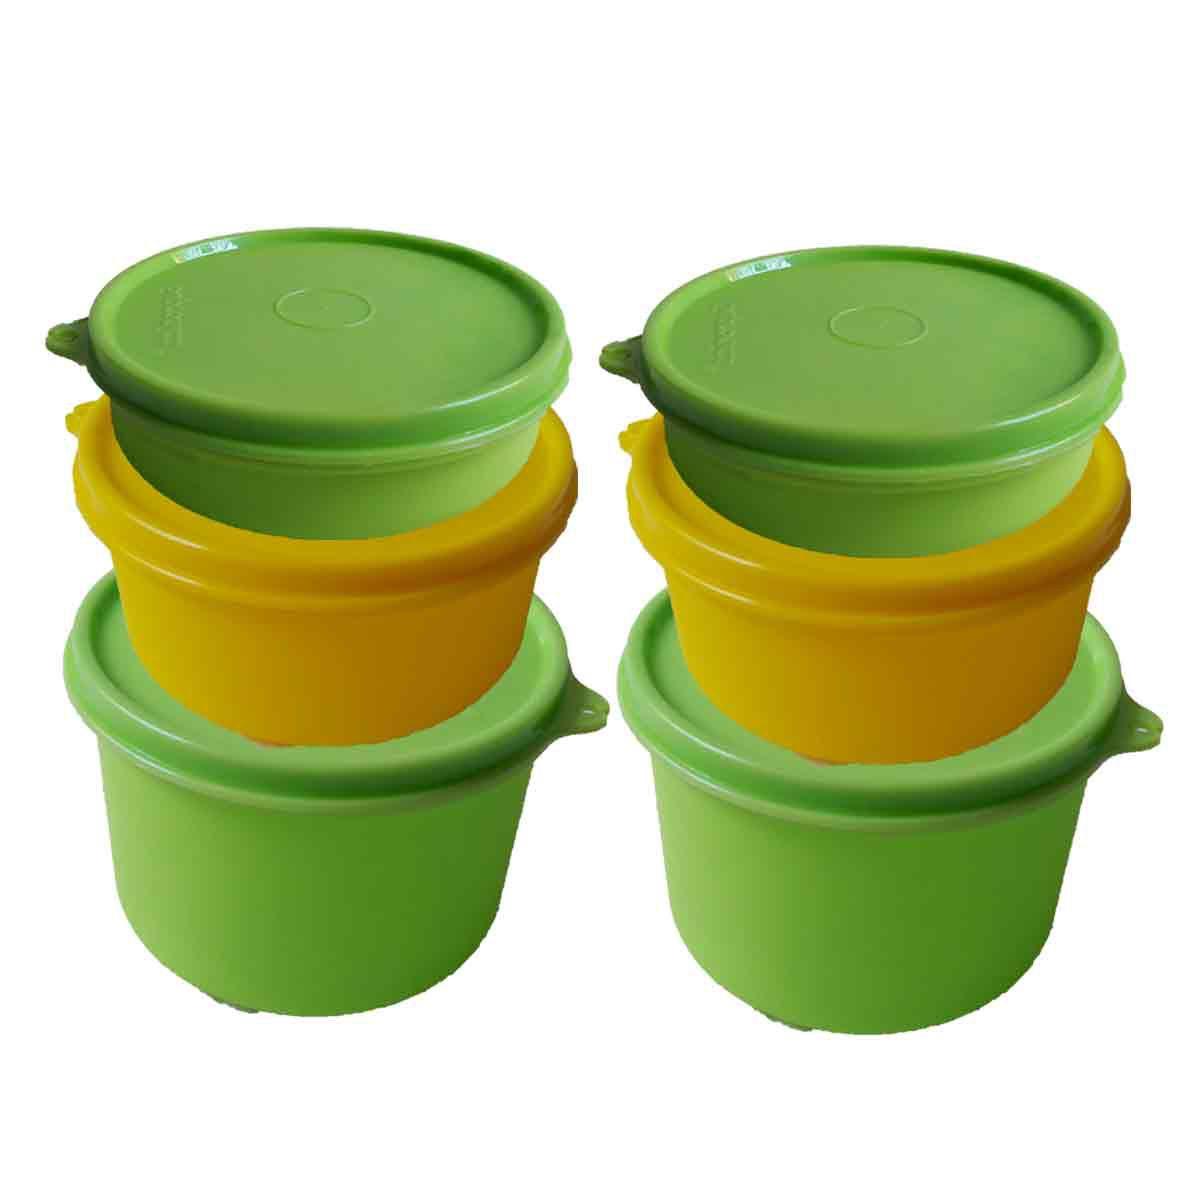 GreenViji Lunch Box